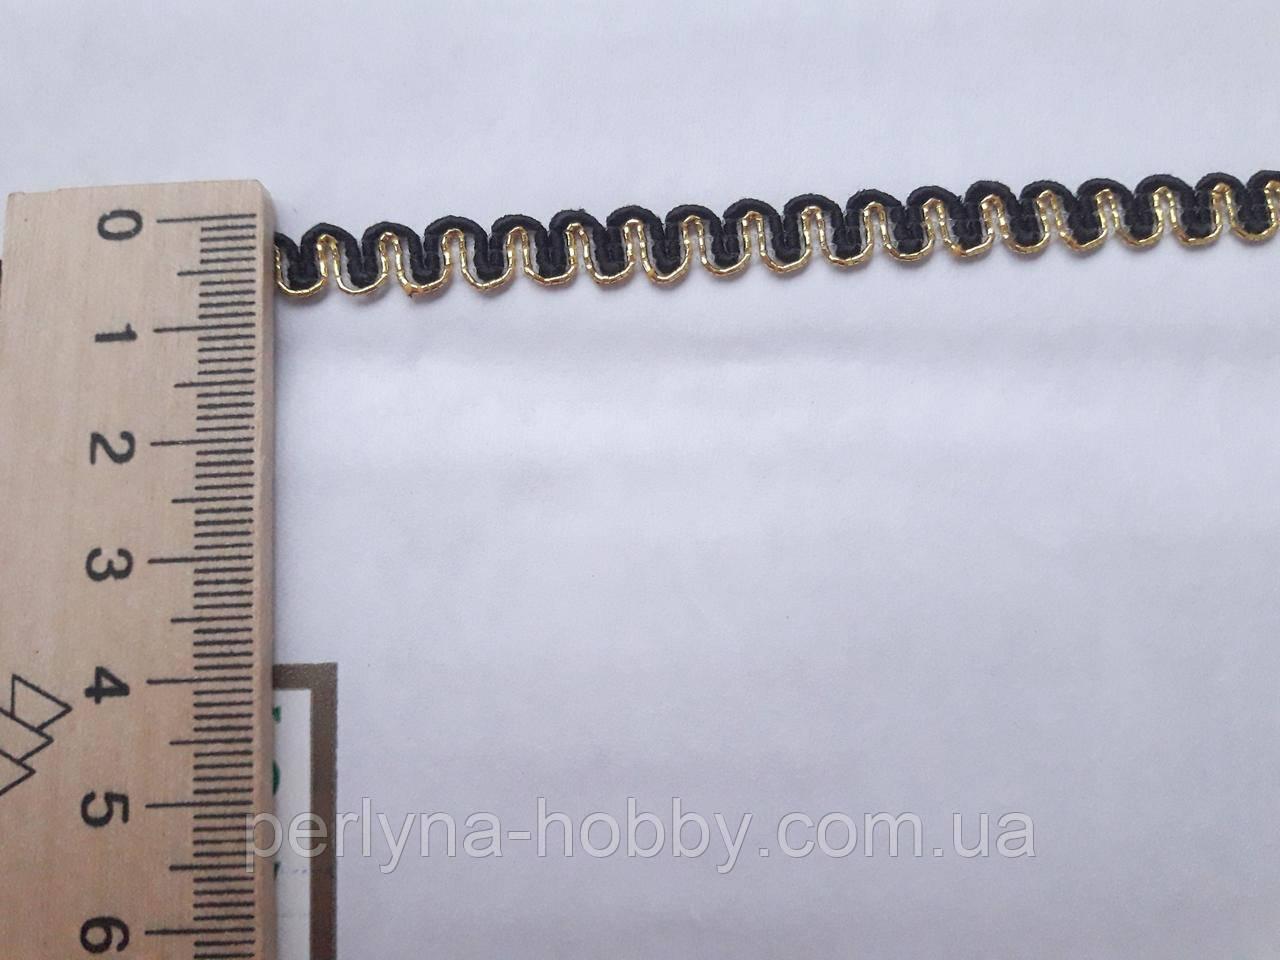 Тесьма декоративная Тасьма  декоративна вузька 6-7мм, чорна зі золотом